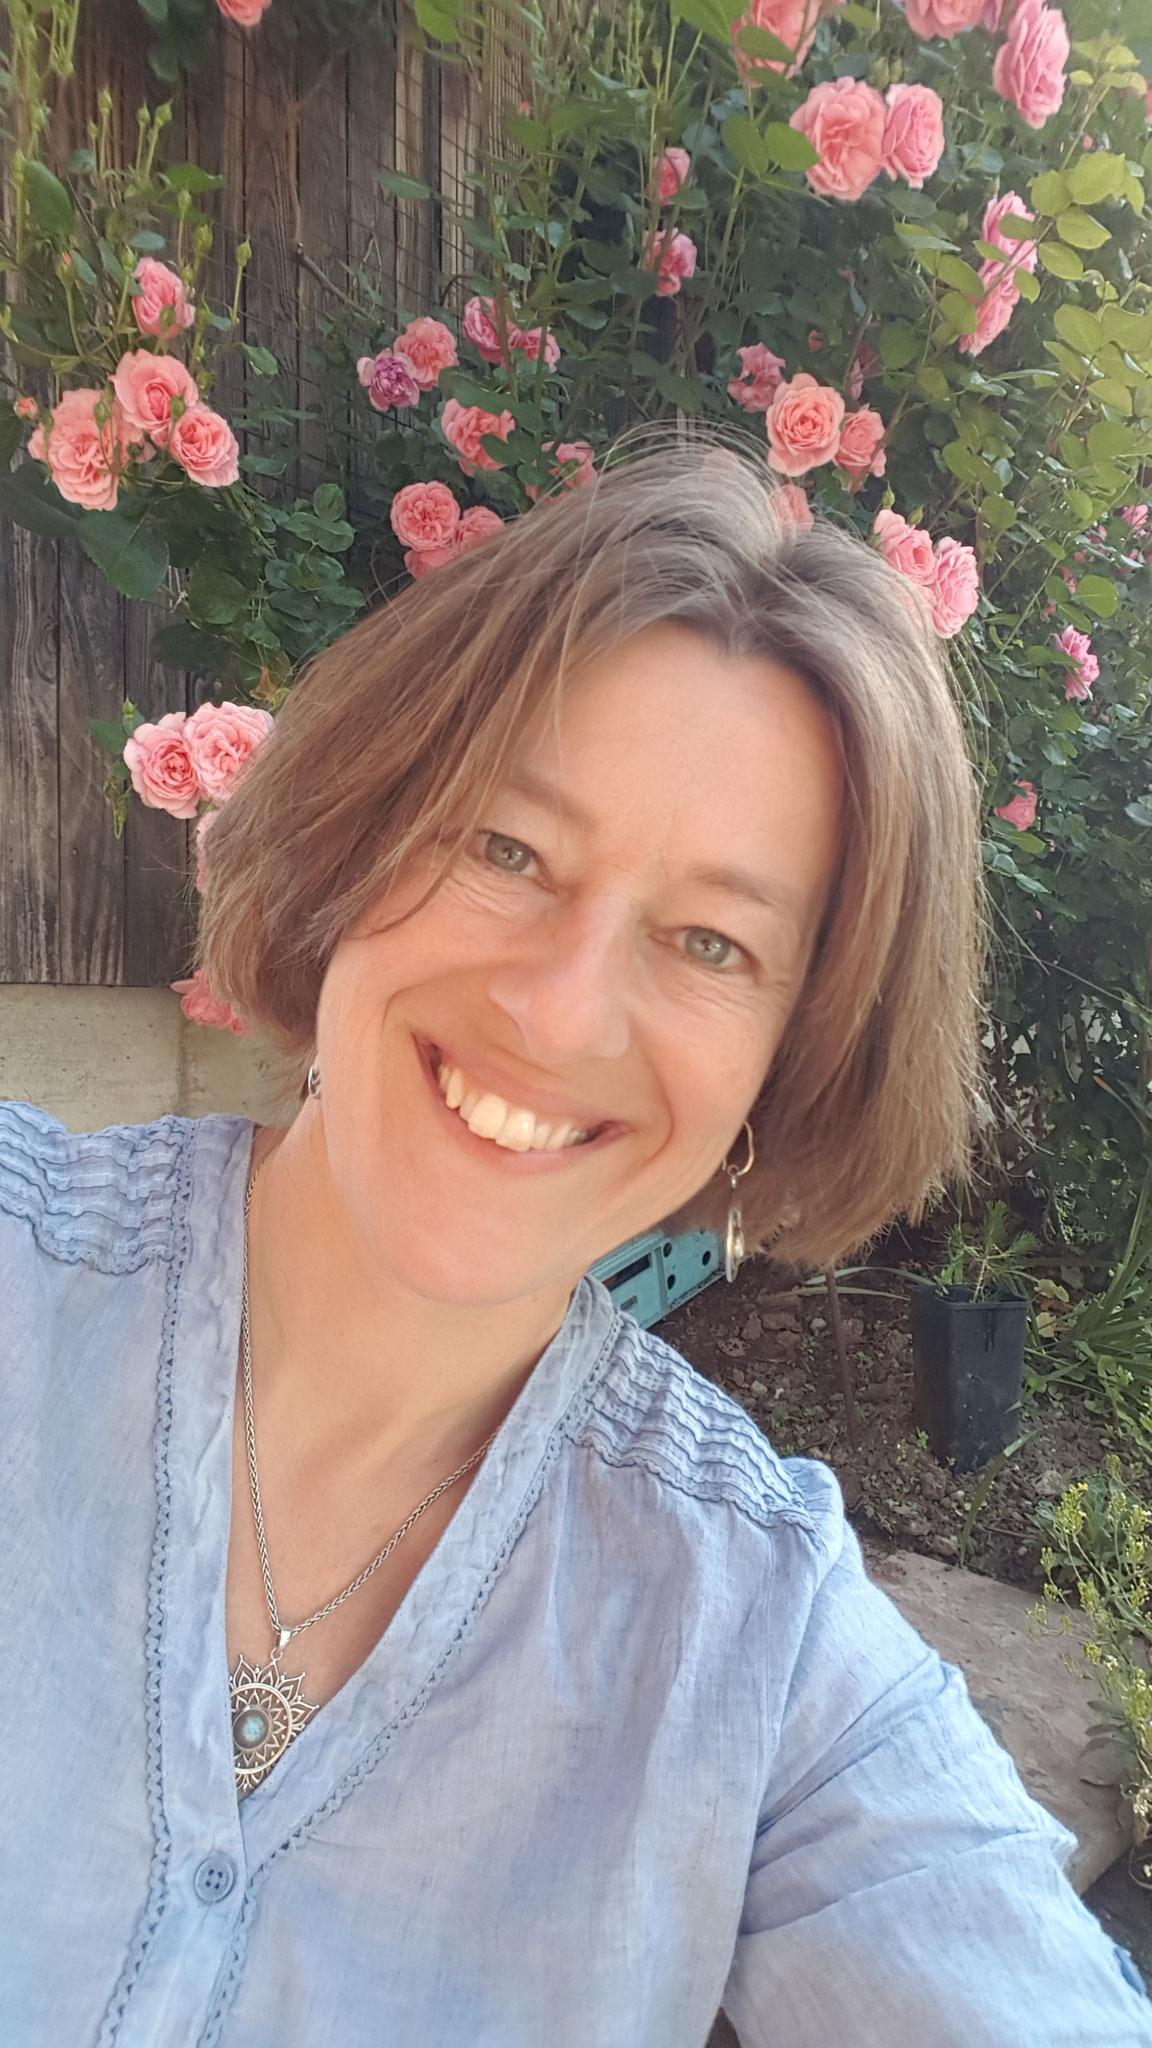 über mich: Karin Pfister, drei erwachsene Söhne, Lehre in UE, Klangschalen Therapeutin, KliK Praktiker (Kinder mit Klang begleiten)